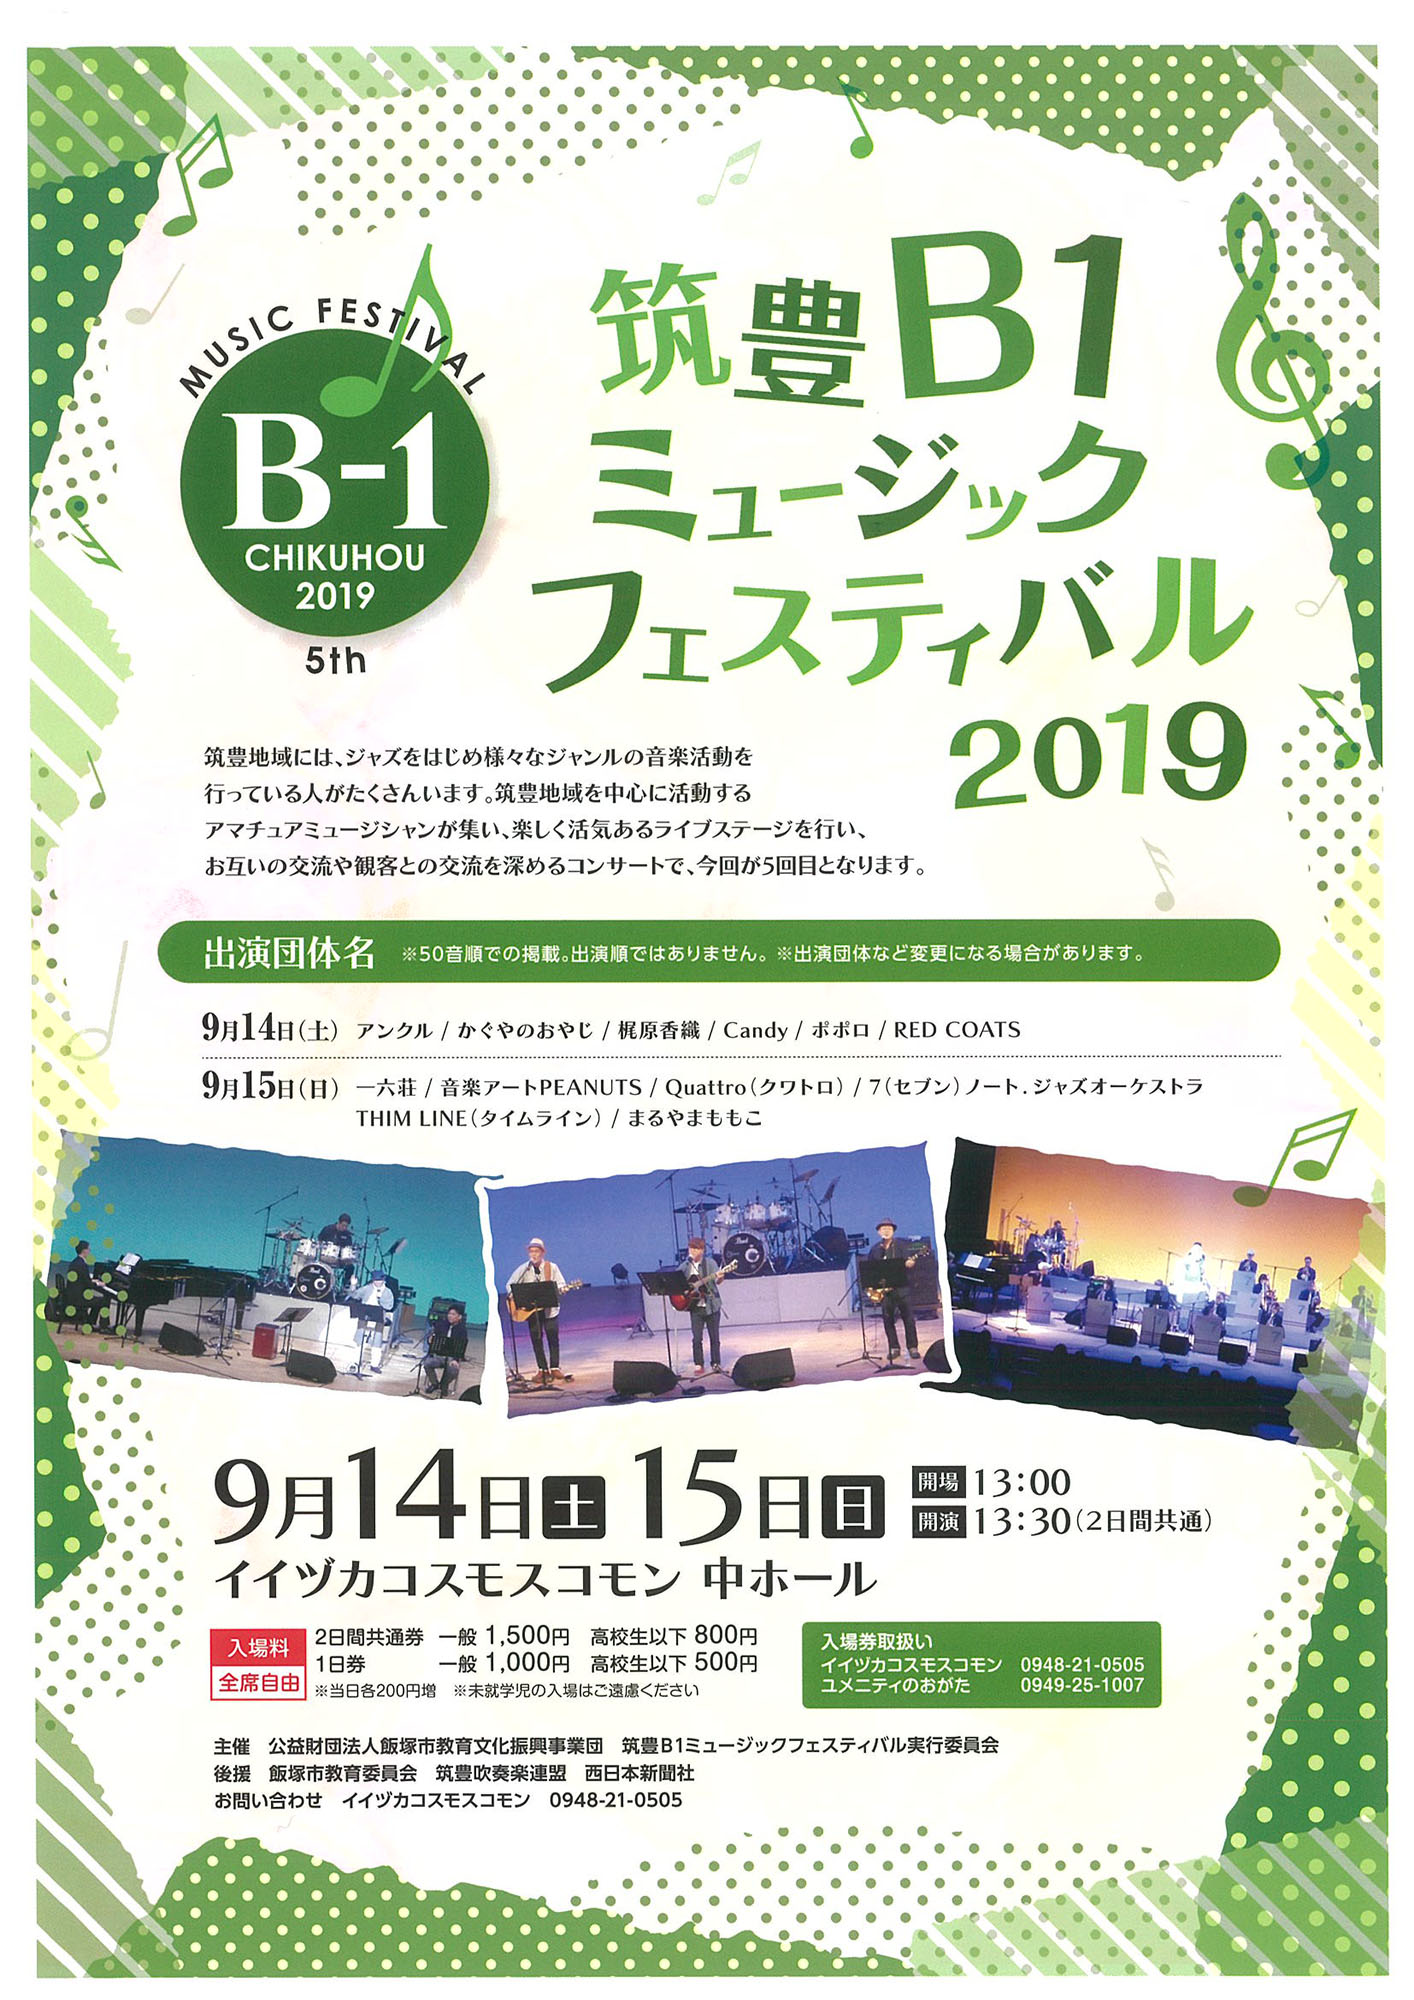 第51回 筑豊B1ミュージックフェスティバル 2019